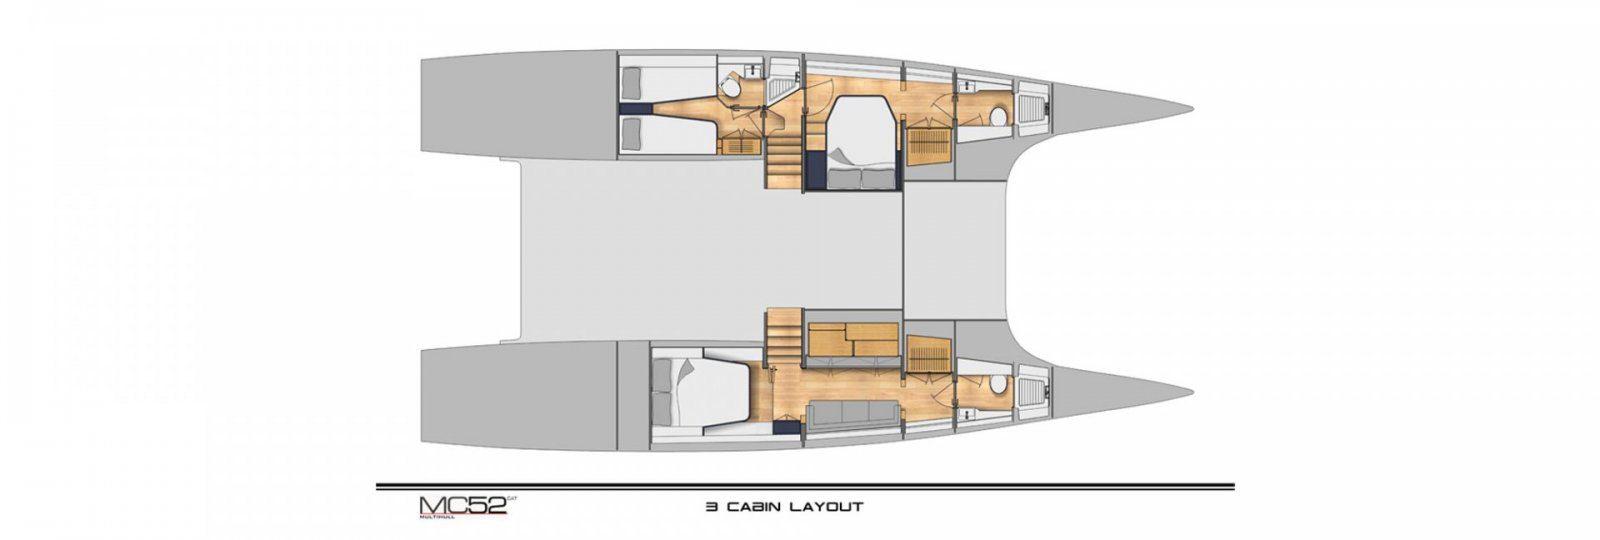 mc52-3-cabin-layout